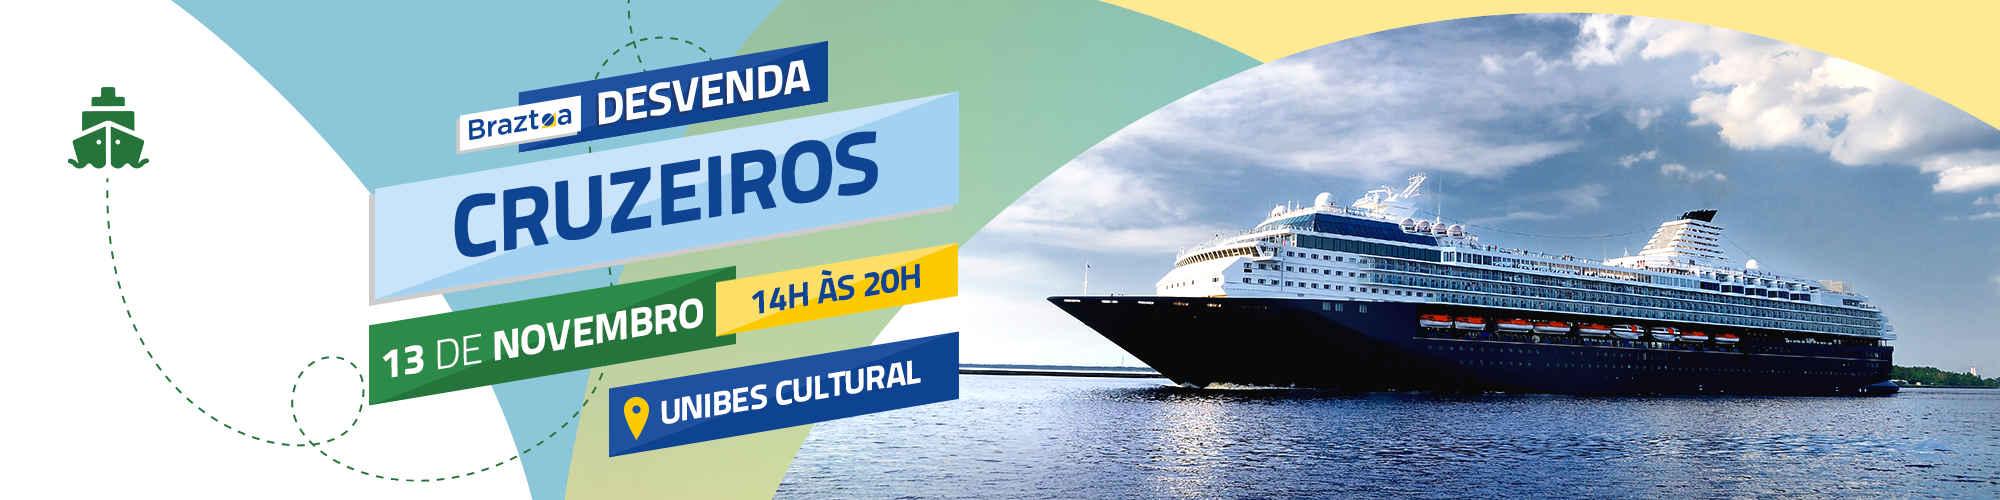 Braztoa Desvenda – Cruzeiros Marítimos acontece em 13 de novembro